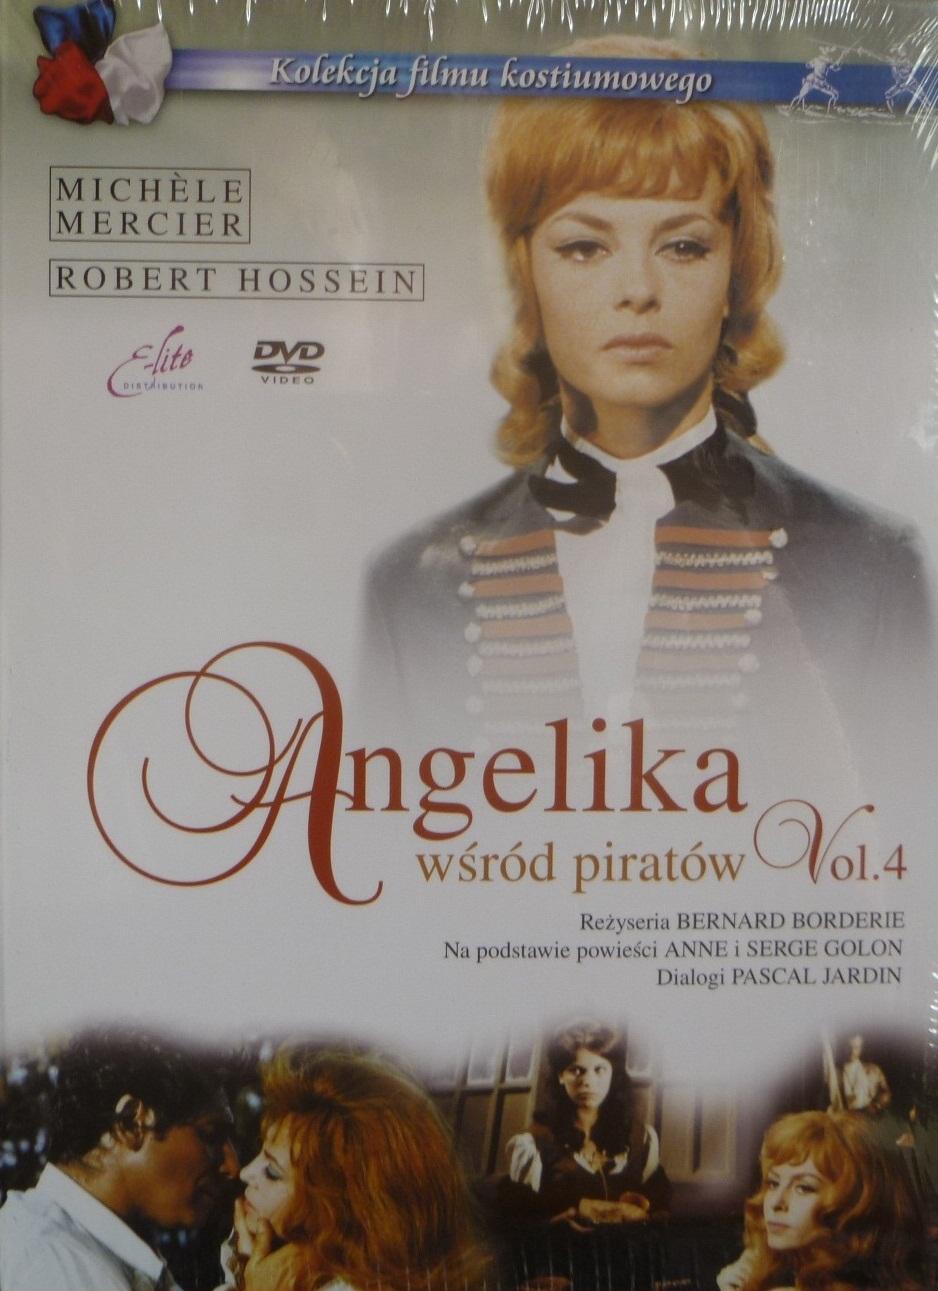 ANGELIKA WŚRÓD PIRATÓW - DVD+KSIĄŻKA